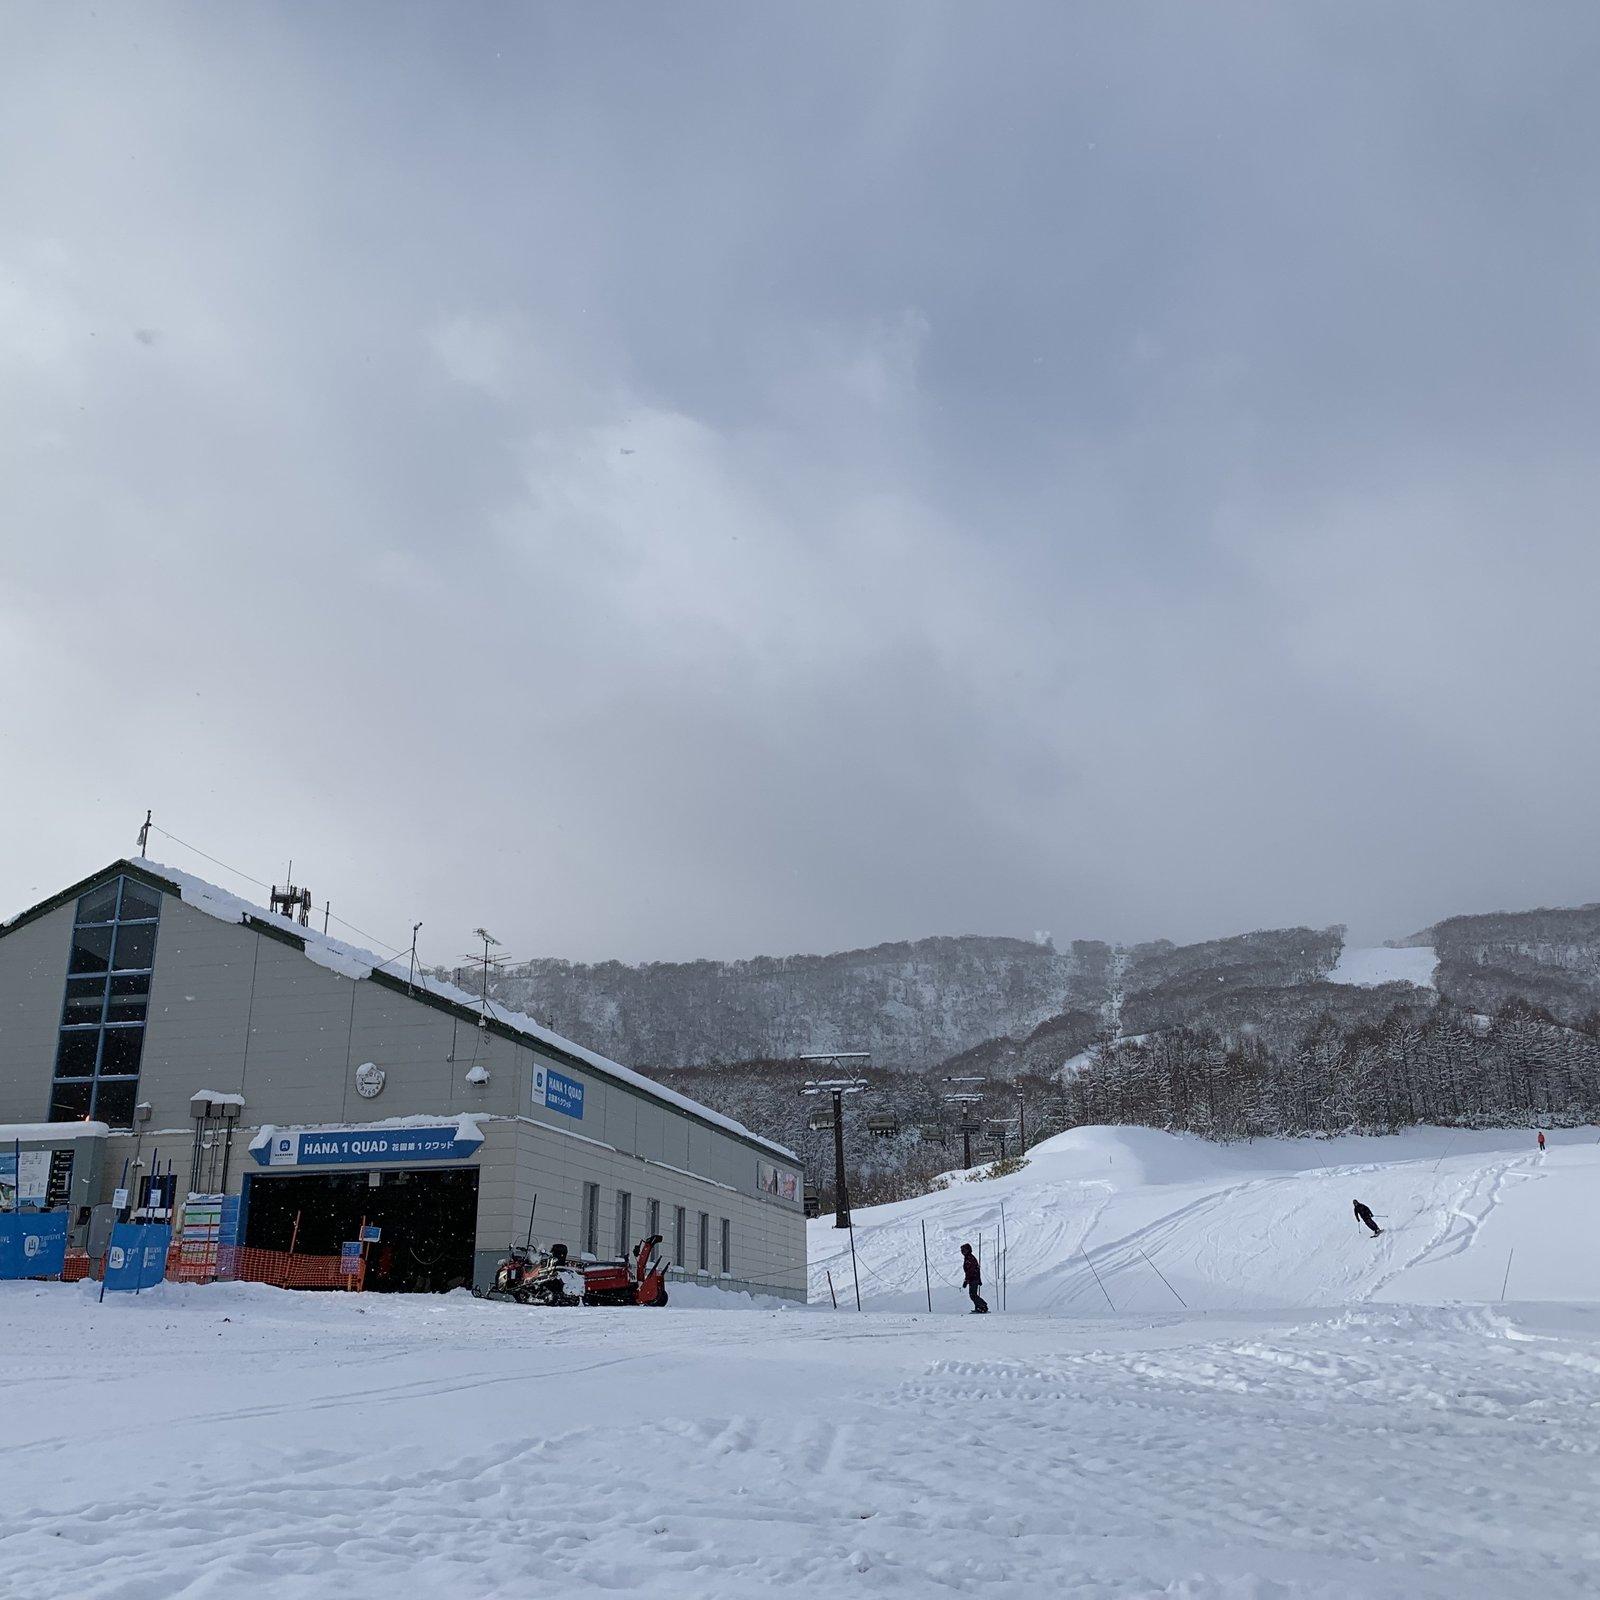 ハナゾノスキー場の2019年オープン初日の初滑りを楽しむ人々